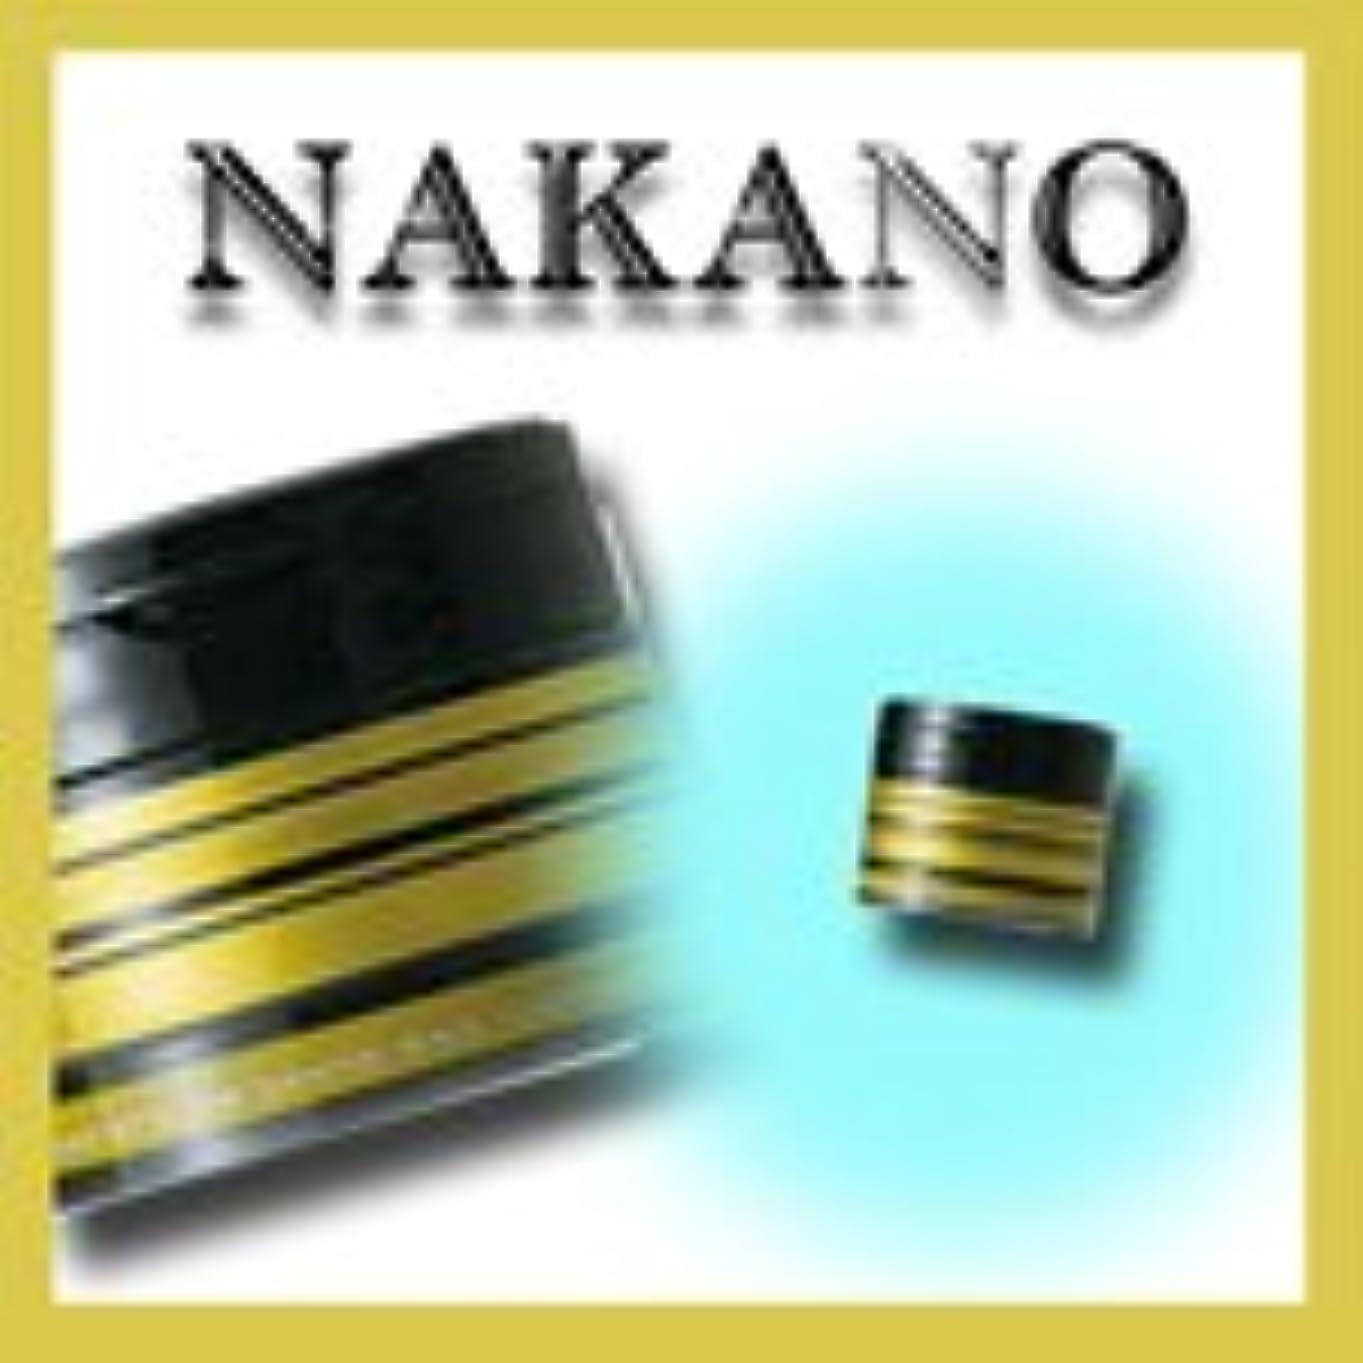 きゅうりミシン目見せますナカノ スタイリング タント ワックス 7 ラスティング&シャイニー 90g 中野製薬 NAKANO